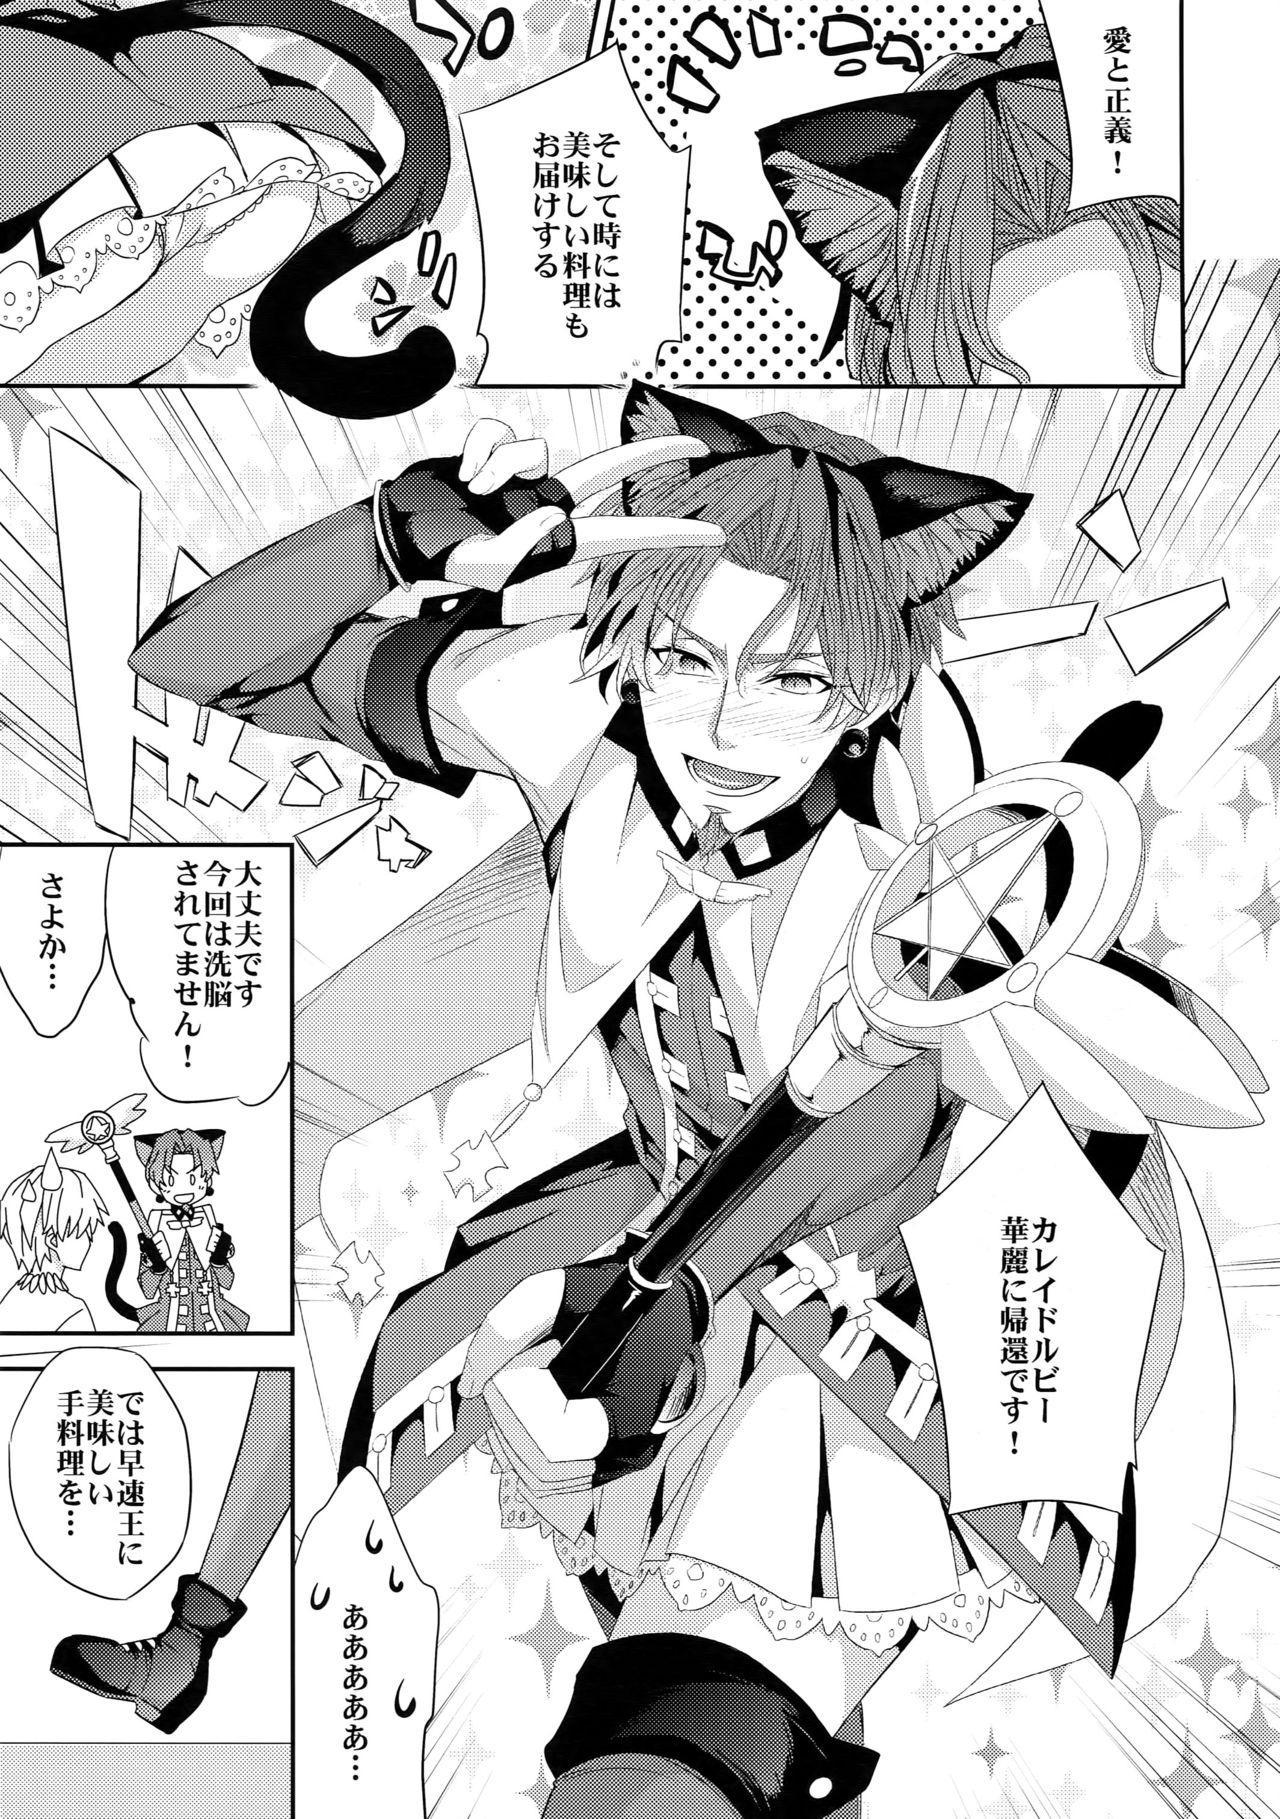 Mahou Chuunen ni Narimashite ~Ou no kanbyou Ganbari Masu! 10